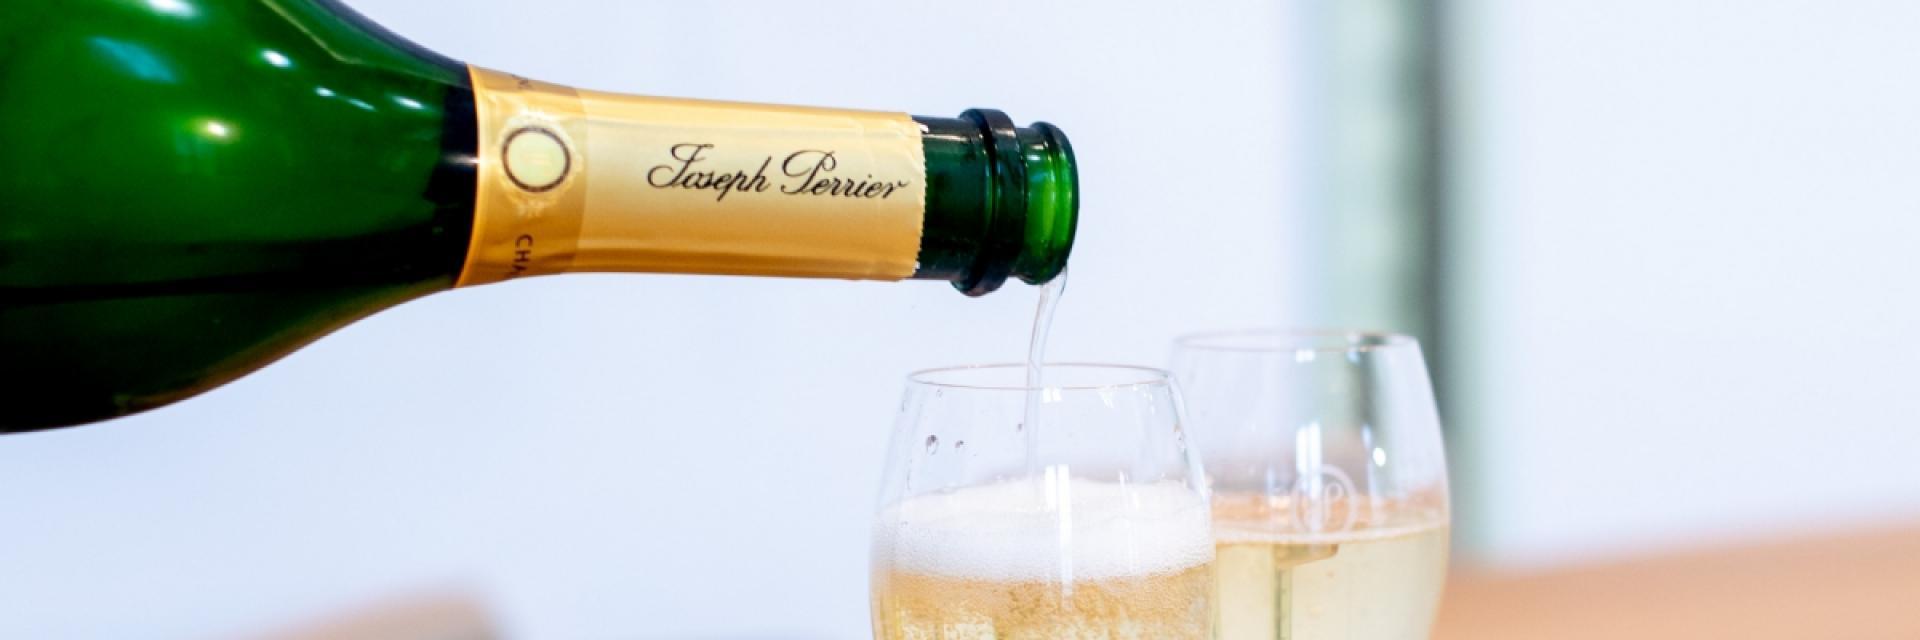 Champagne Joseph Perrier Degustation Visite